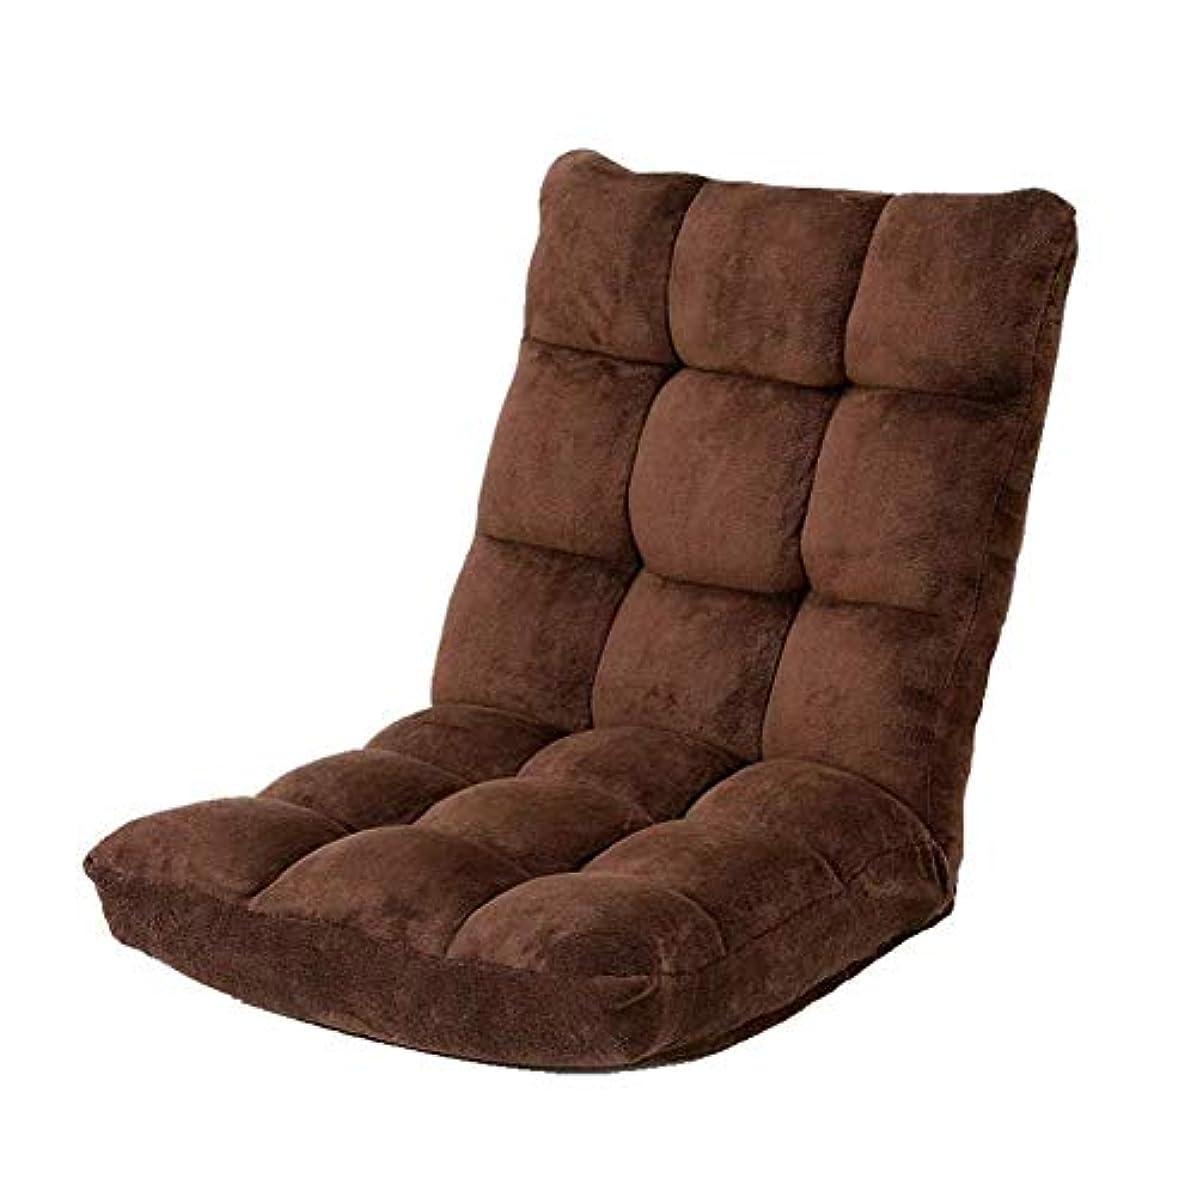 不変継続中しなやかな瞑想用椅子、座りソファー、折りたたみ式畳床、折りたたみ式解体および洗濯可能増粘、レッグレスカジュアルシングルリクライニングベッド (Color : Brown)